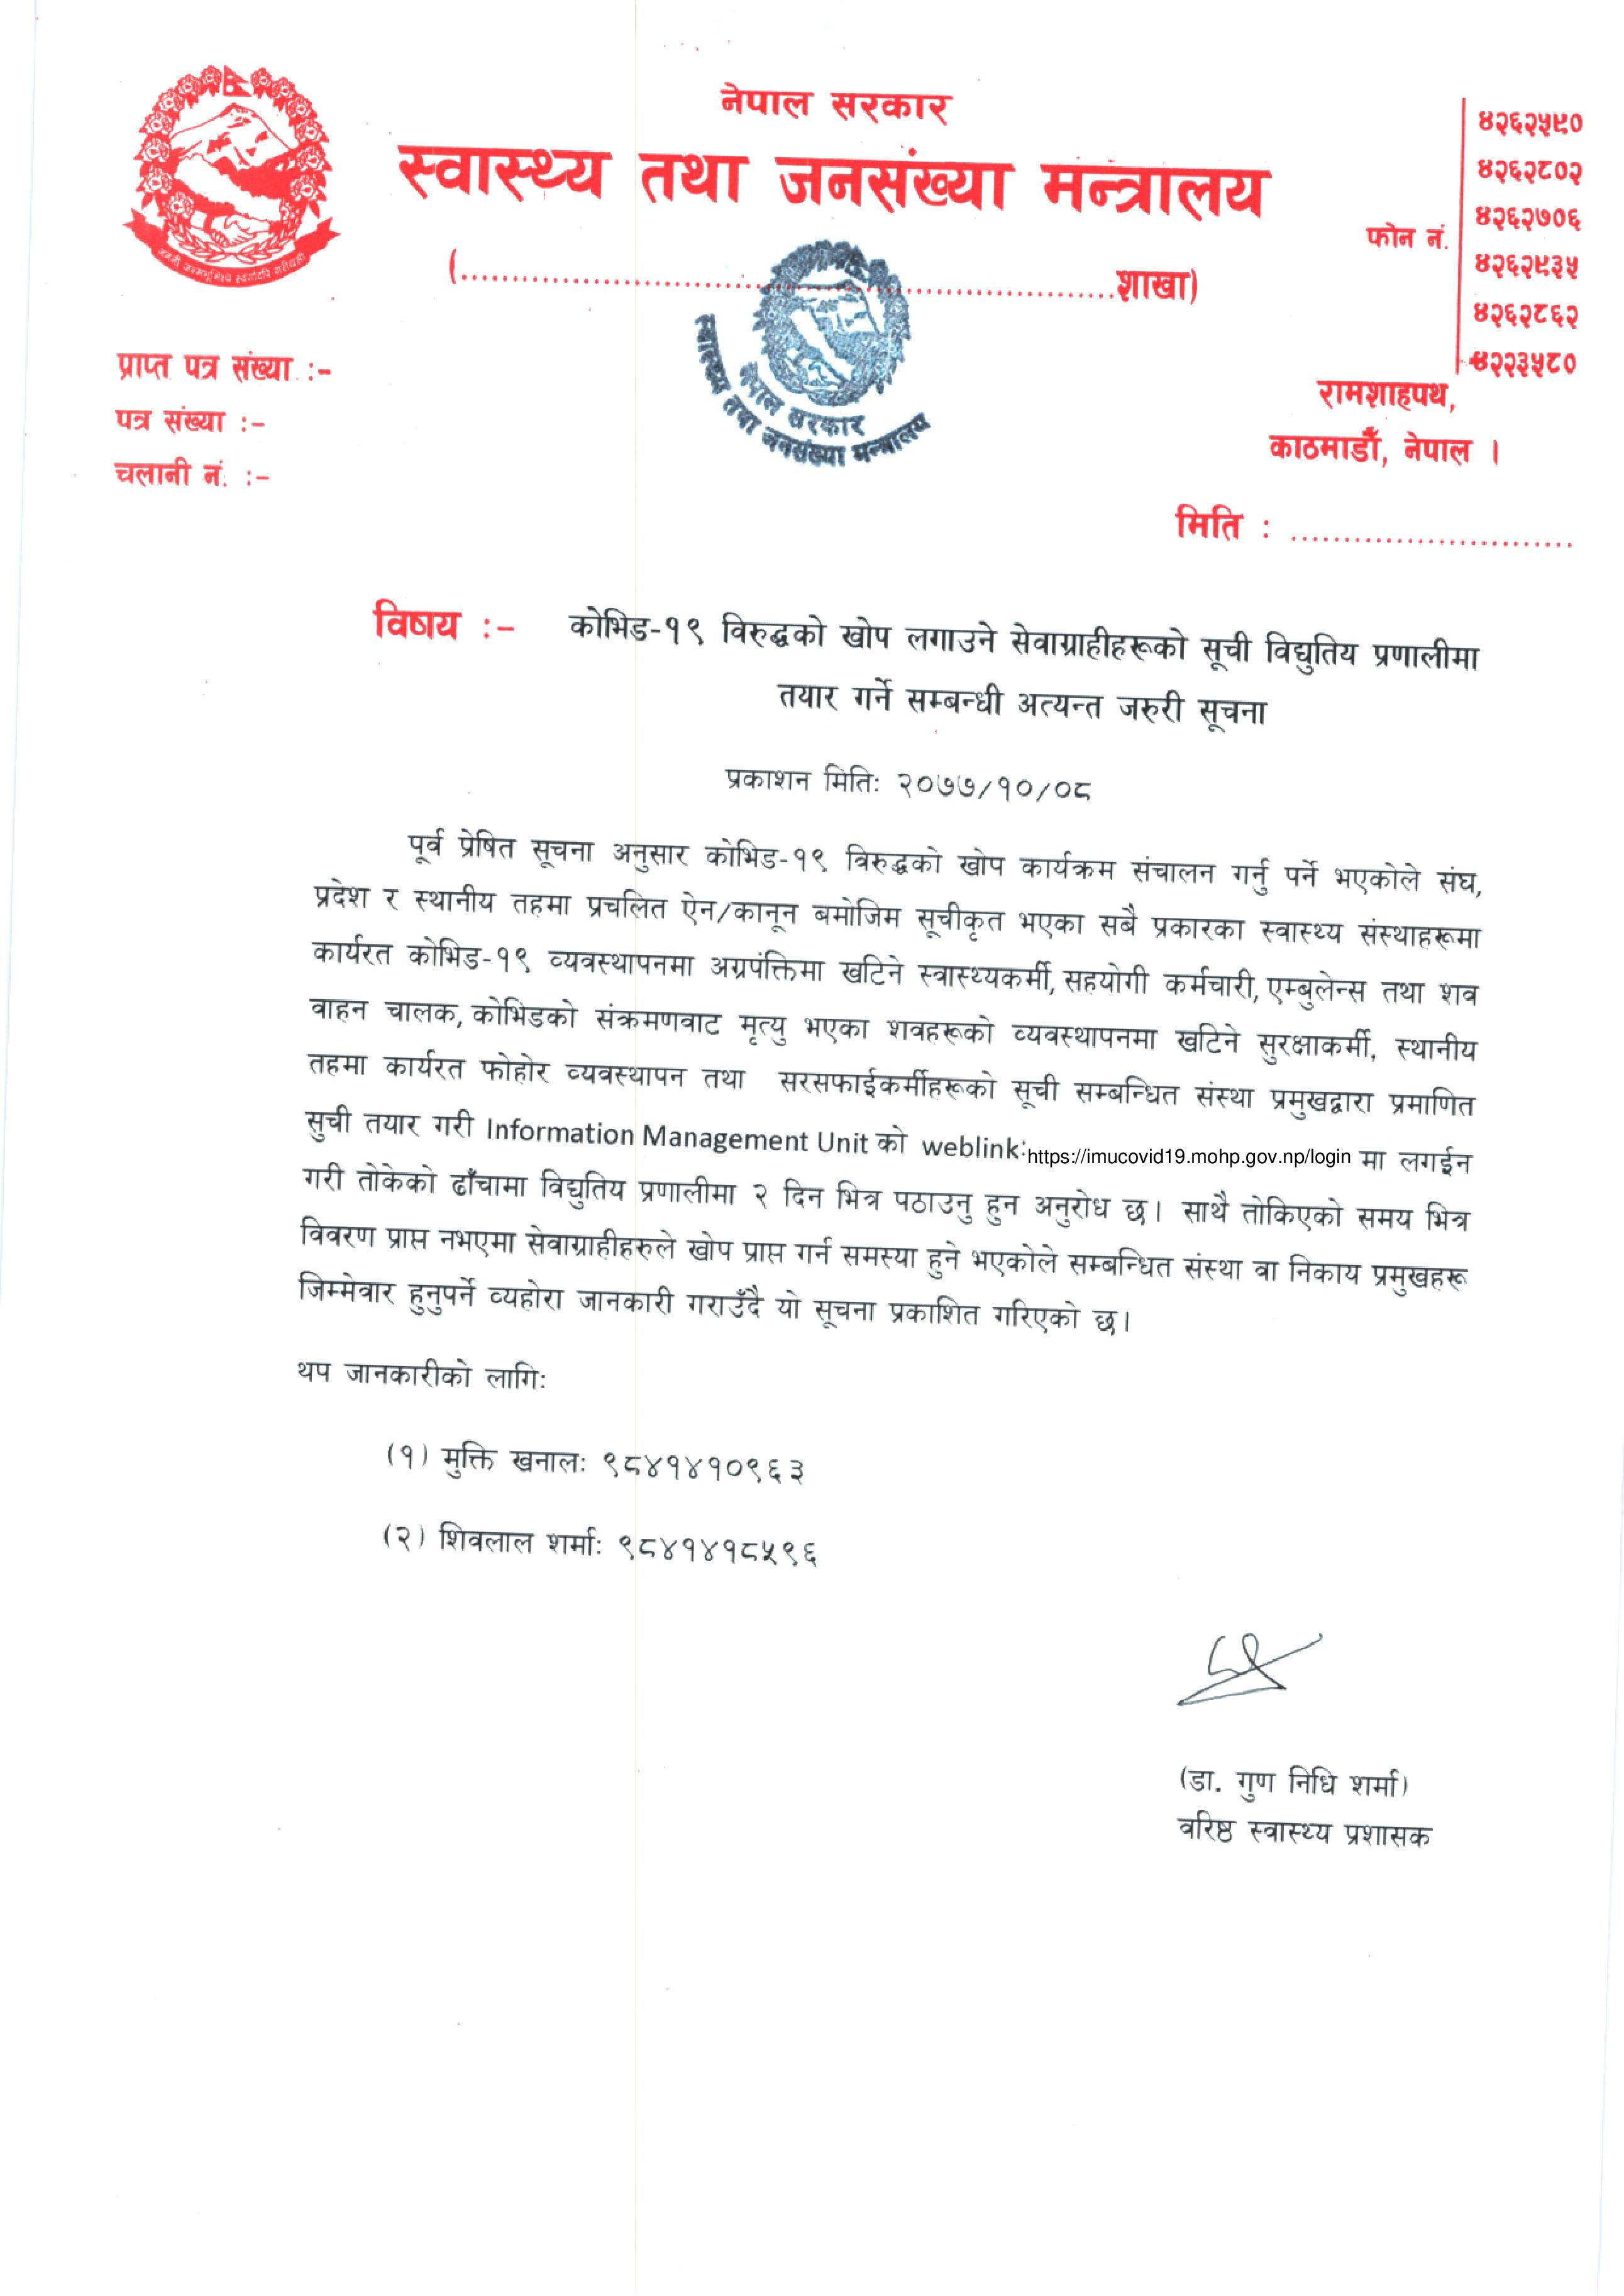 Press release/MoHP